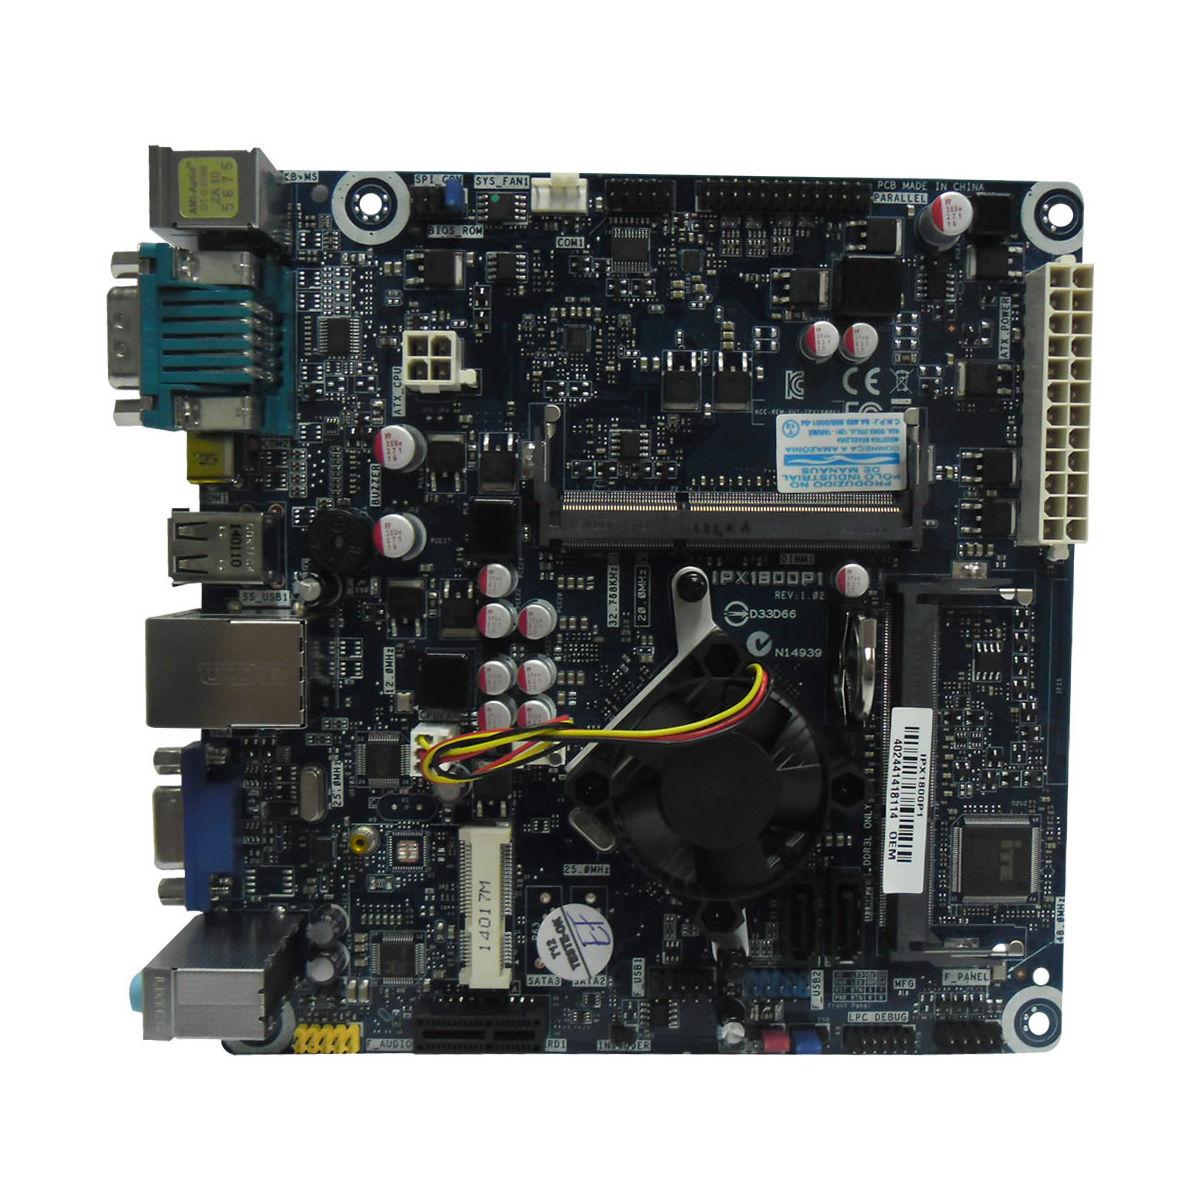 Placa Mãe com CPU Celeron Dual Core J1800 IPX1800P1 (S/V/R) - Pcware